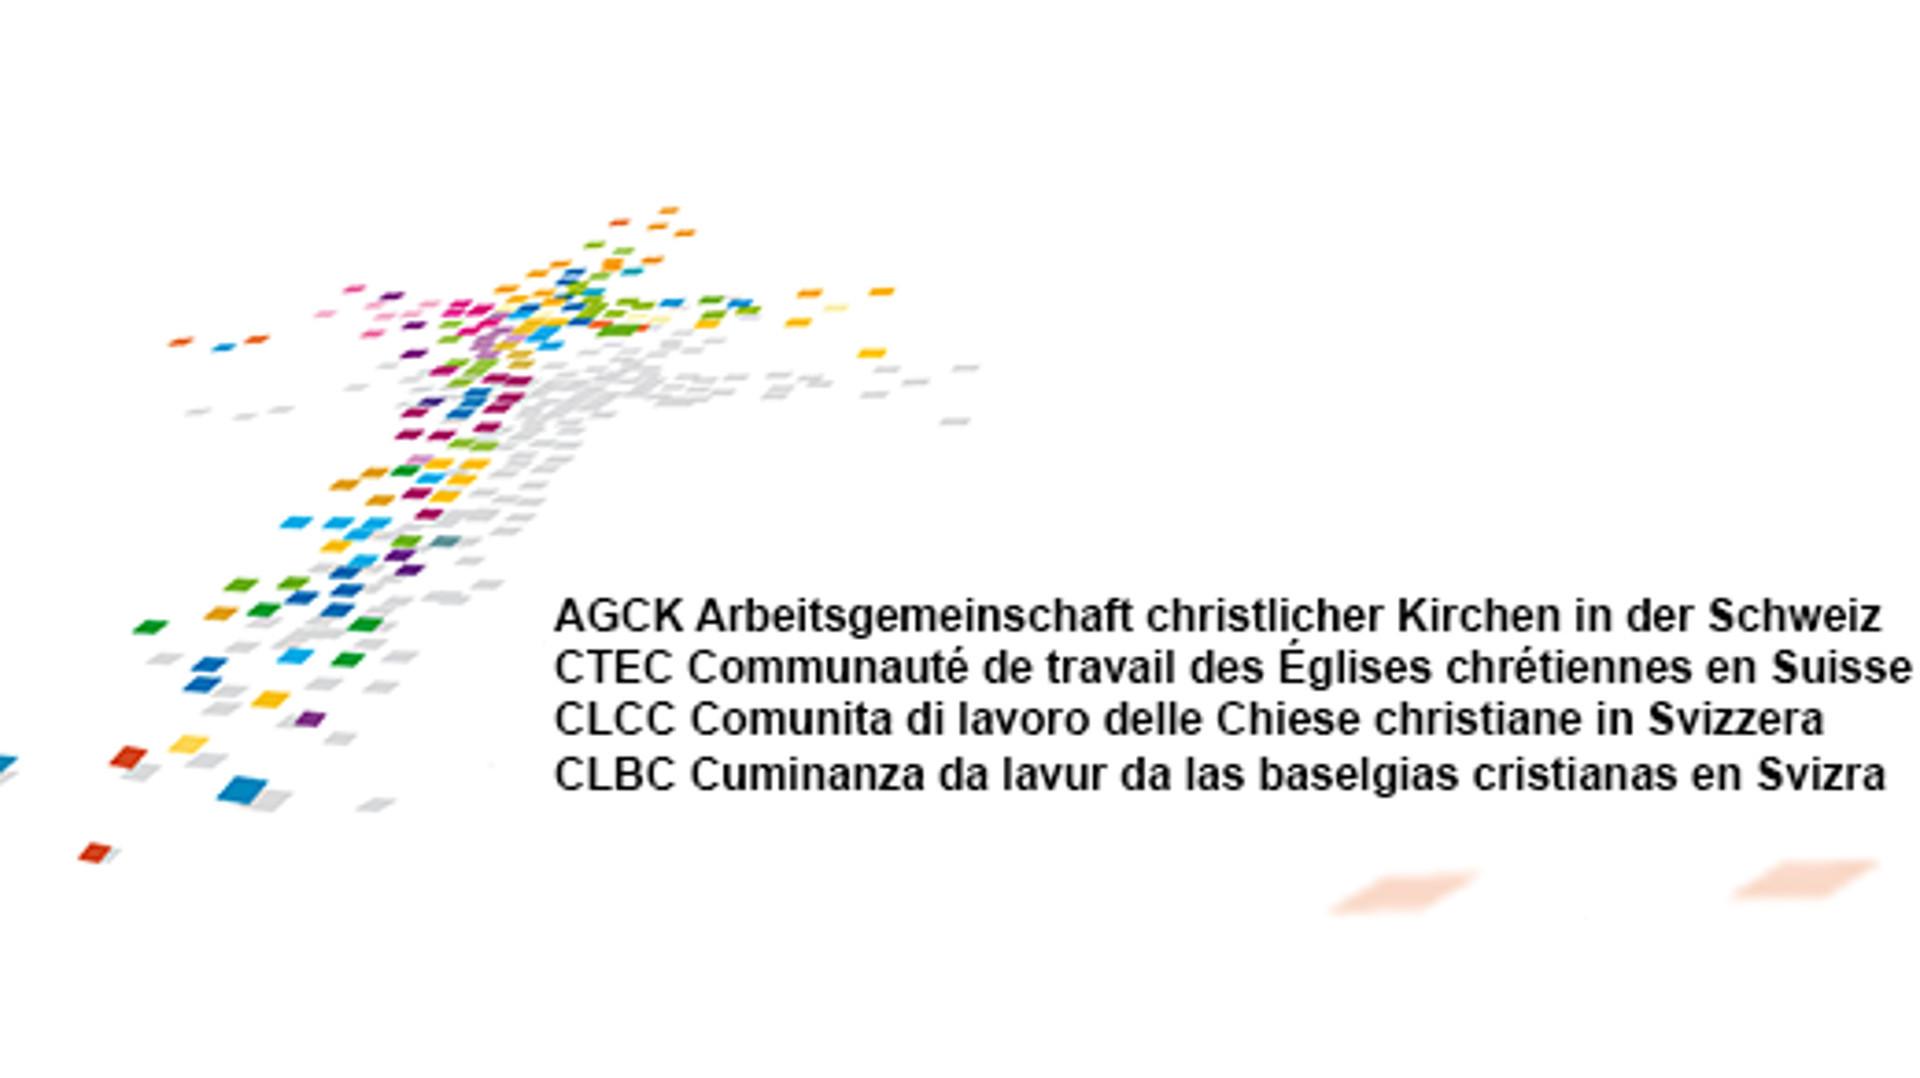 Arbeitsgemeinschaft christlicher Kirchen in der Schweiz